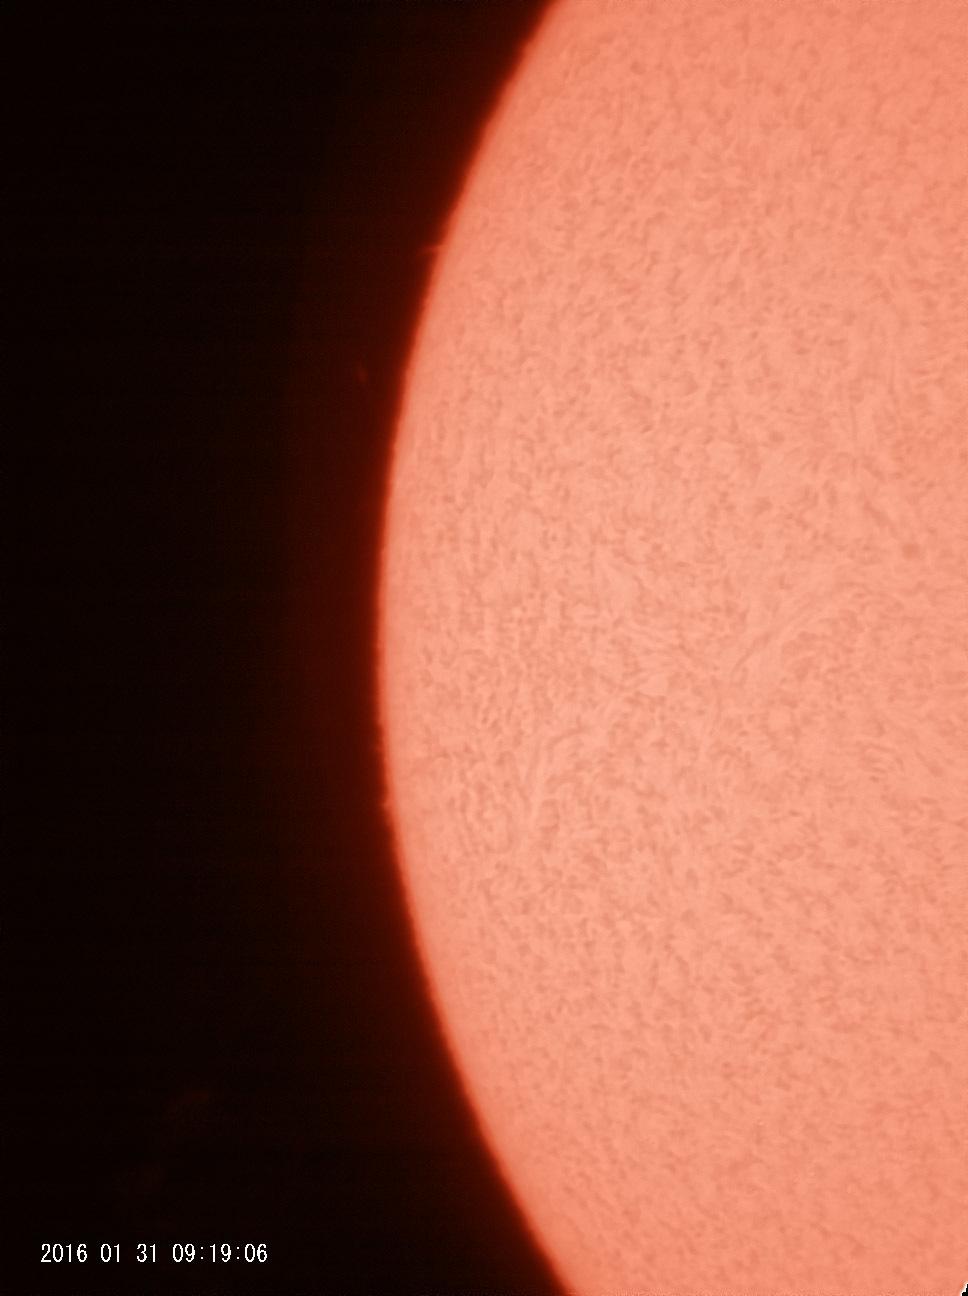 1月31日の太陽 大プロミネンス出現!_e0174091_12320851.jpg